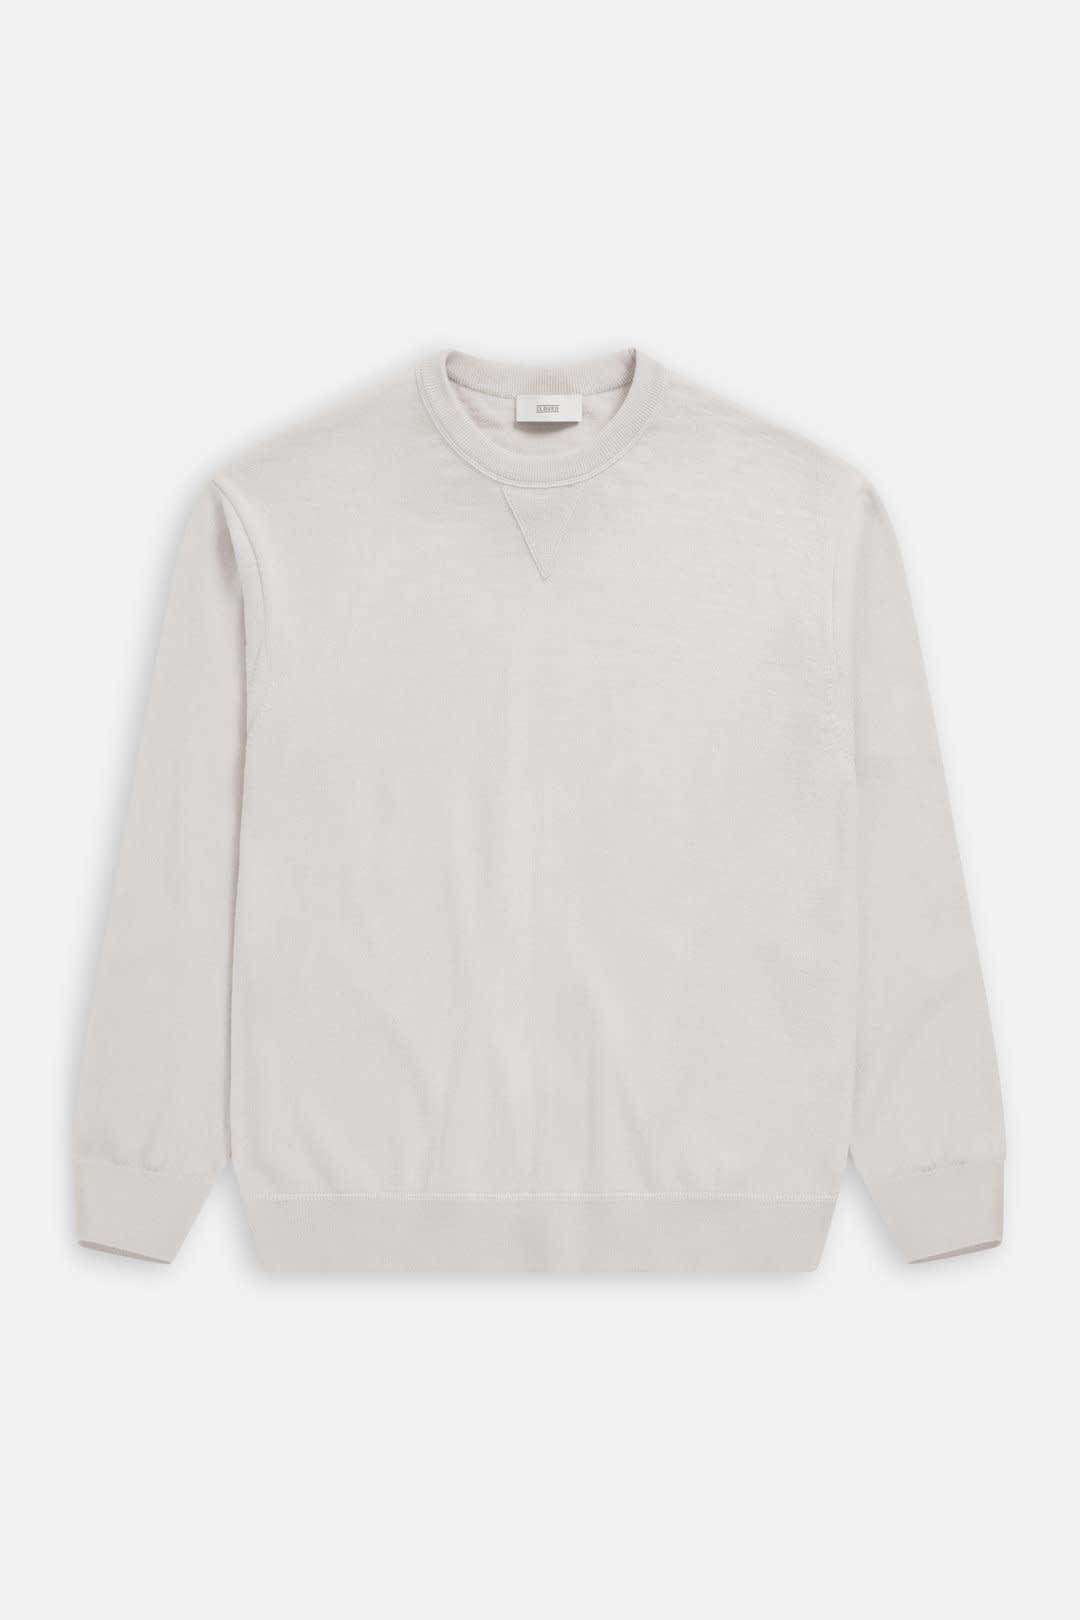 crewneck jumper antique white-1